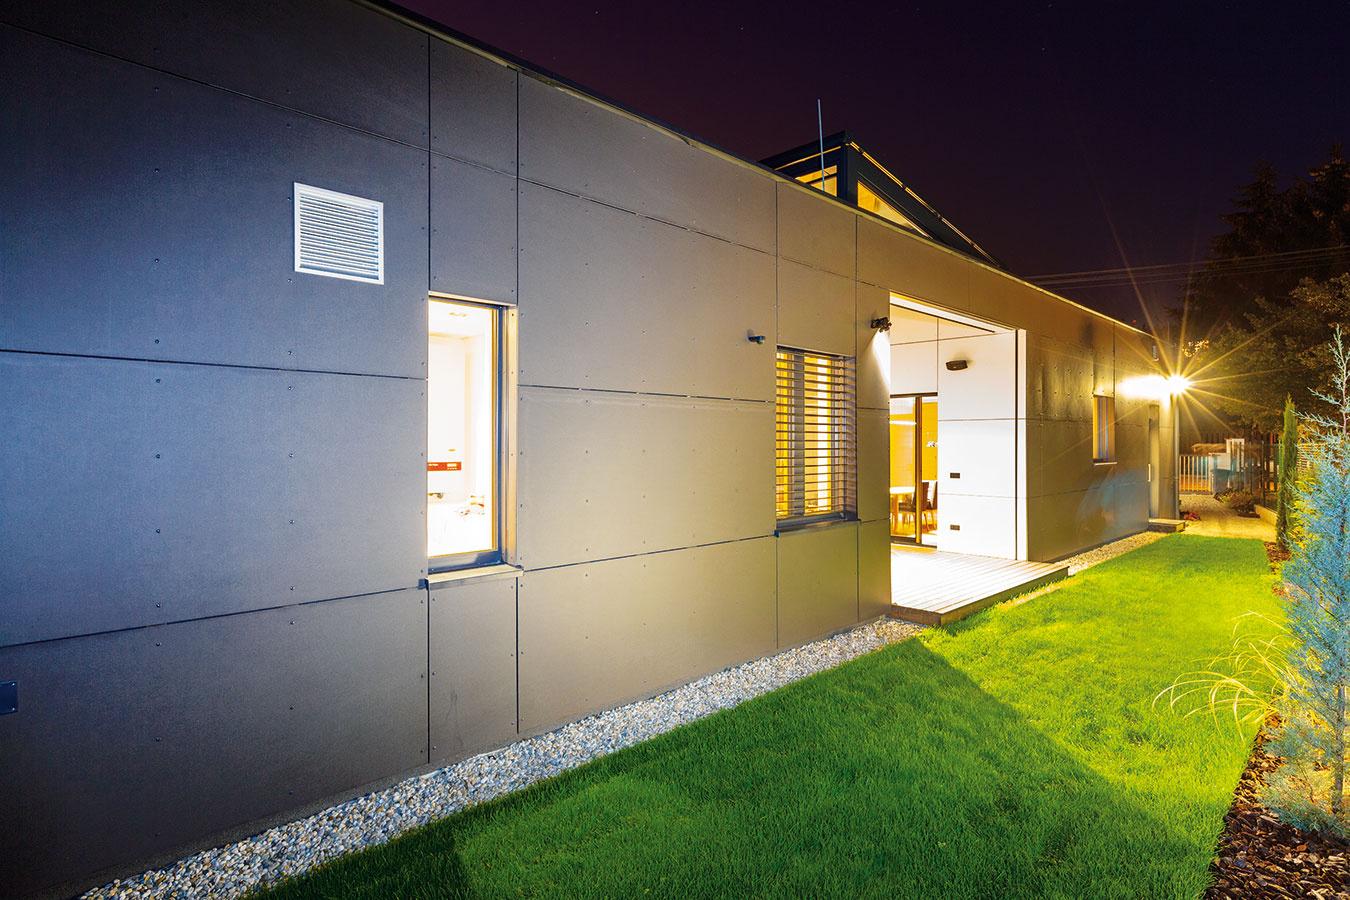 Jednoducho a účelne. Jednoduchým domom architekt optimálne využil možnosti parcely a splnil všetky požiadavky majiteľov. Vďaka átriu získali aj v stiesnených podmienkach príjemný exteriérový priestor s dostatkom intimity.